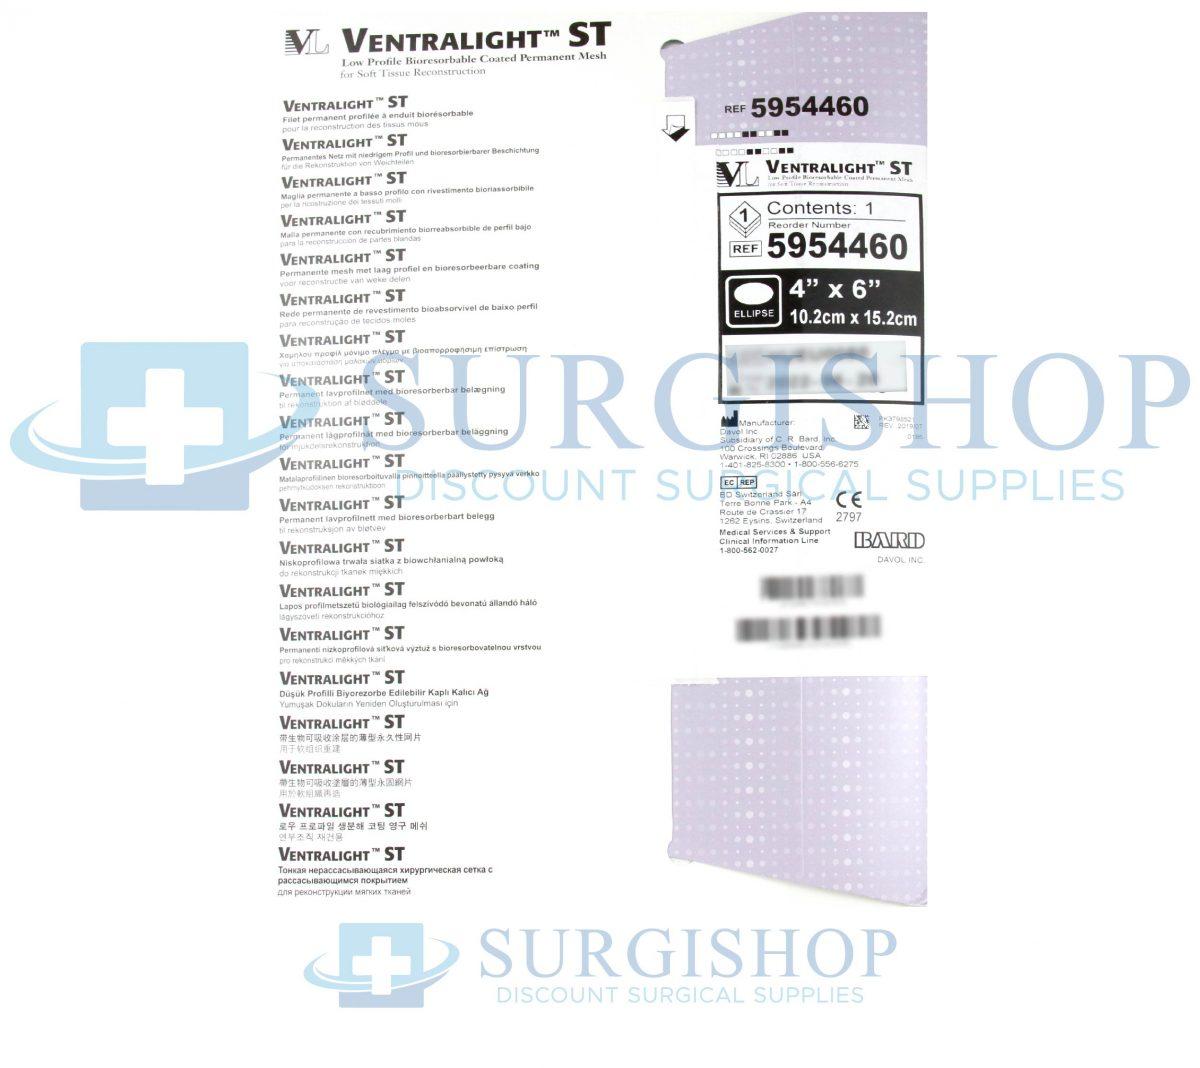 5954460 – Bard Ventralight St Elliptical 4.0in x 6.0in Each